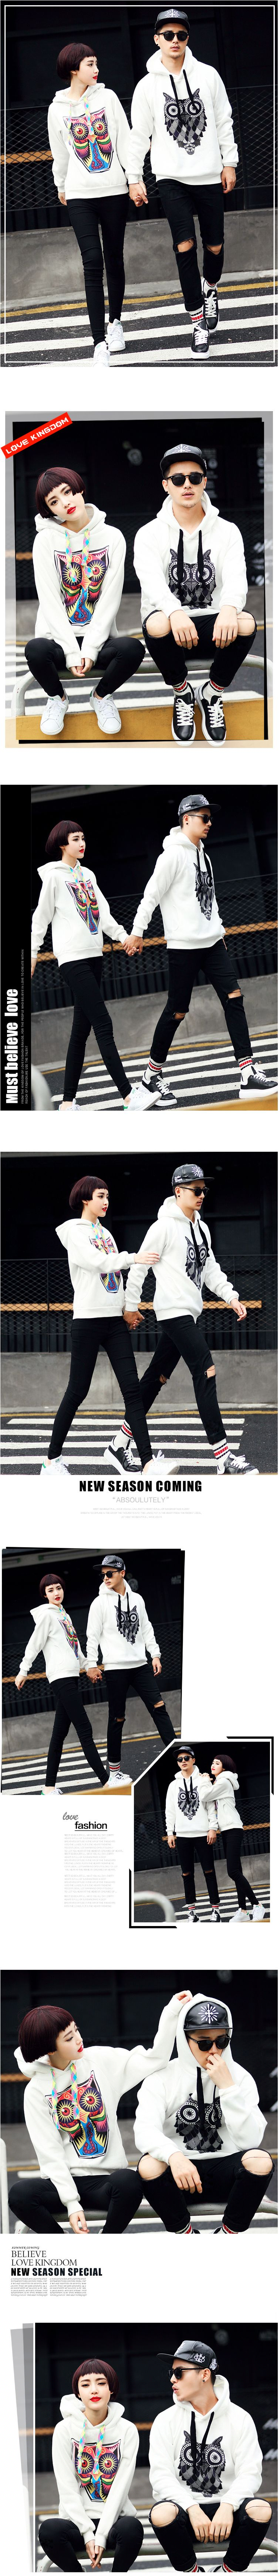 เสื้อกันหนาวคู่รักเวอร์ชั่นเกาหลี